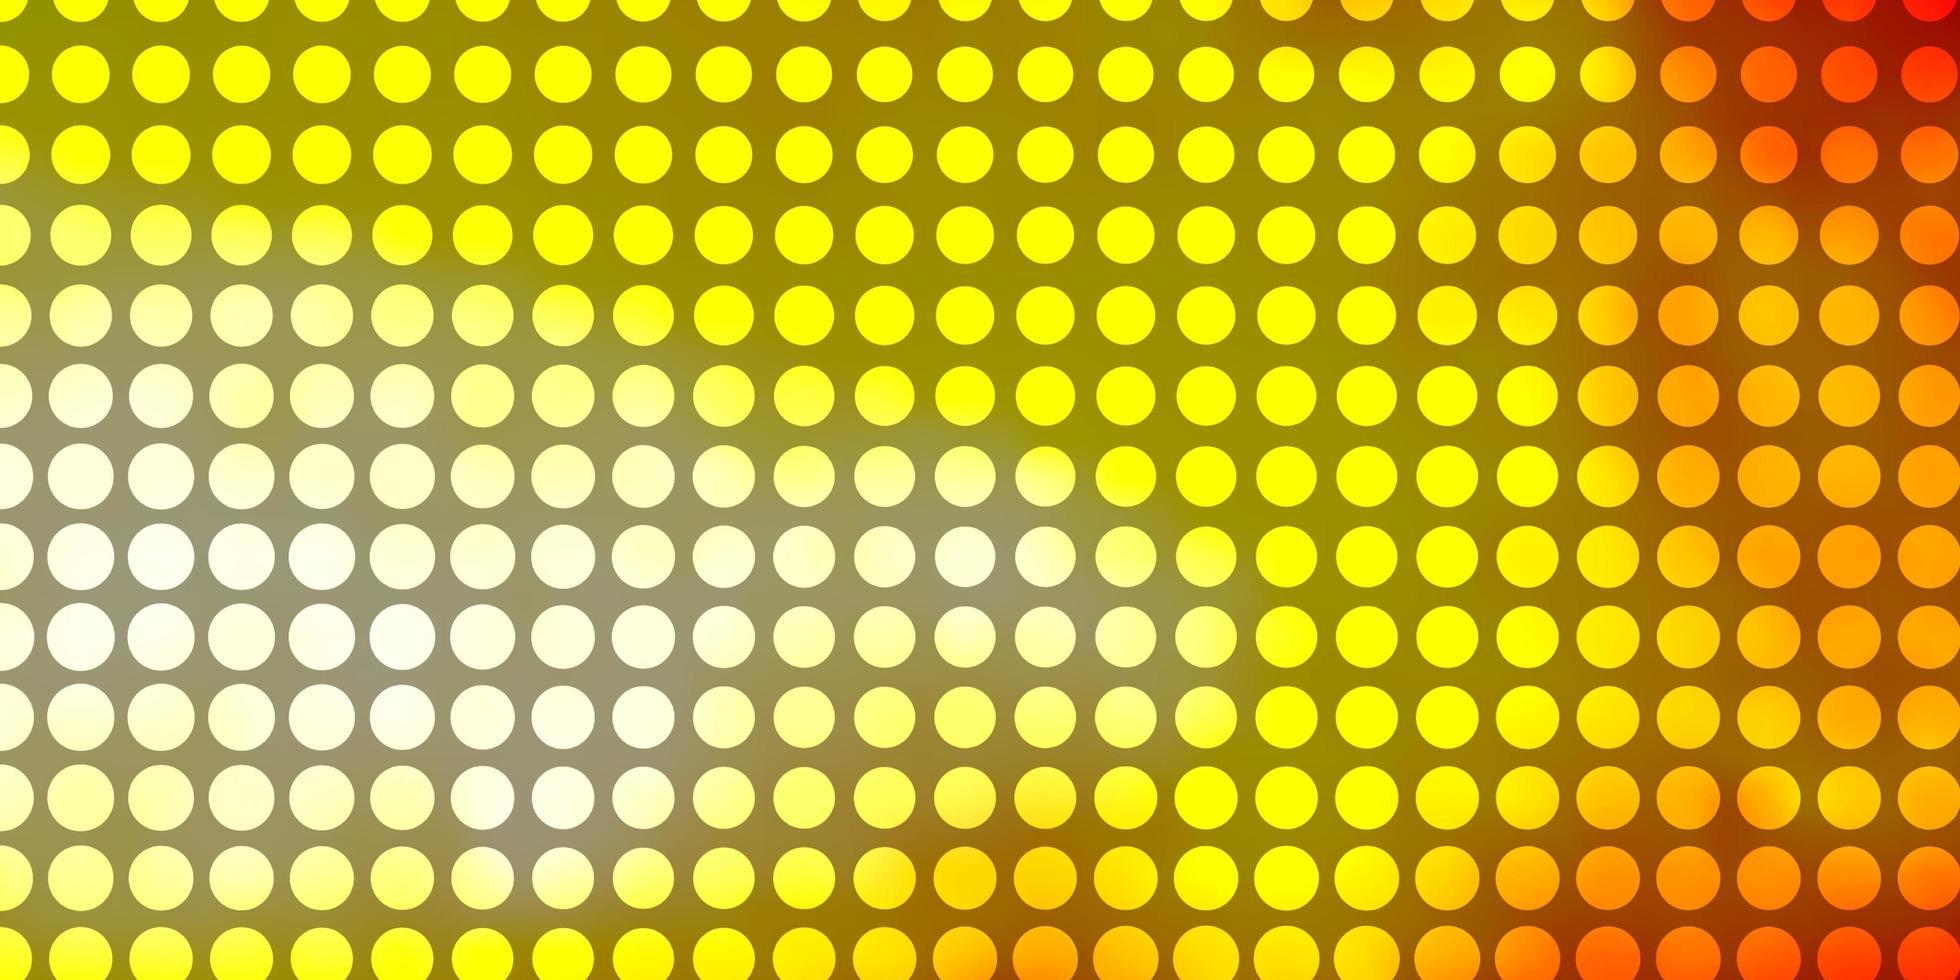 fond jaune et rouge avec des cercles. vecteur